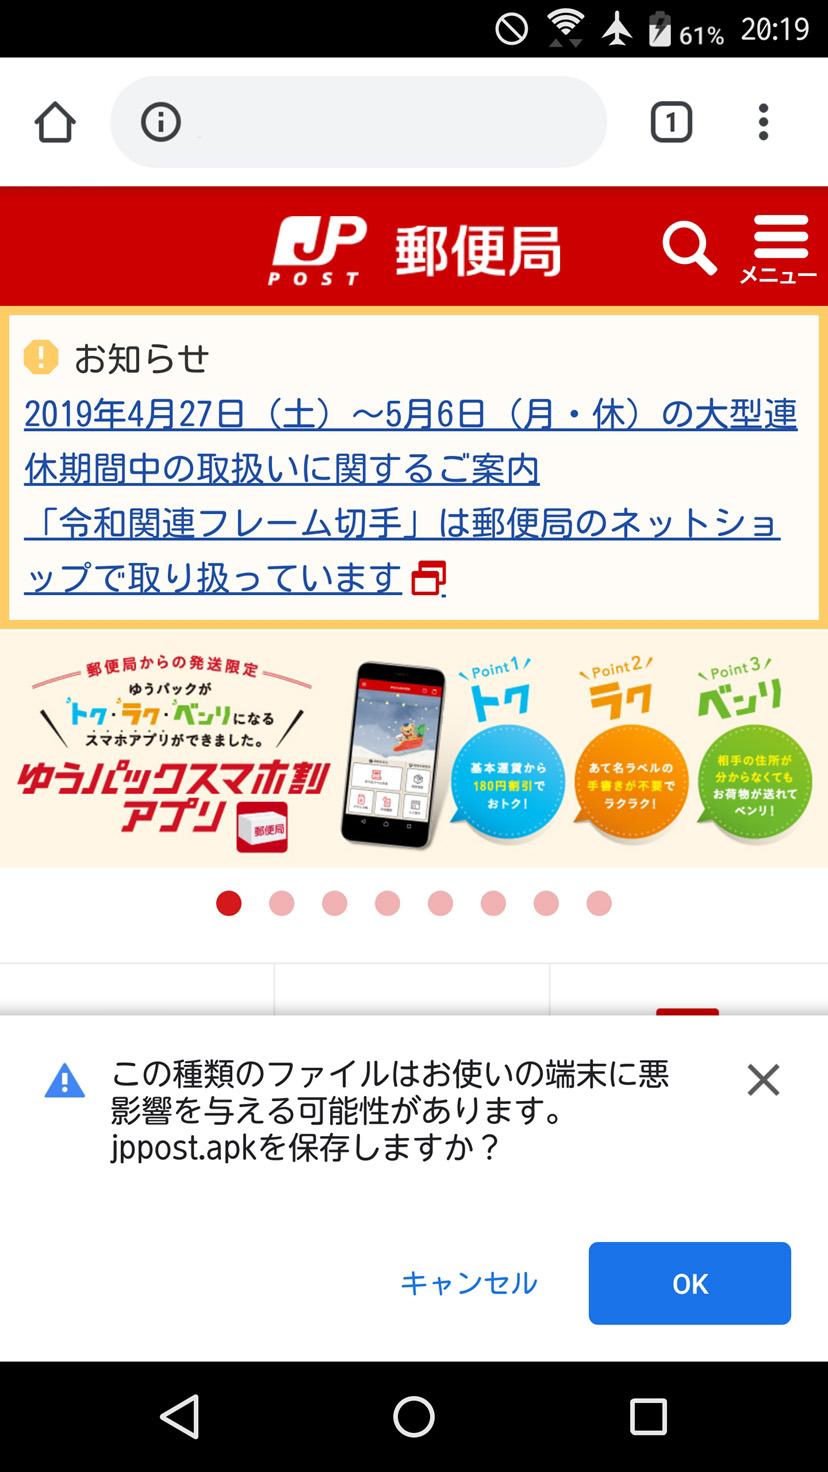 Android端末で偽サイトにアクセスした場合